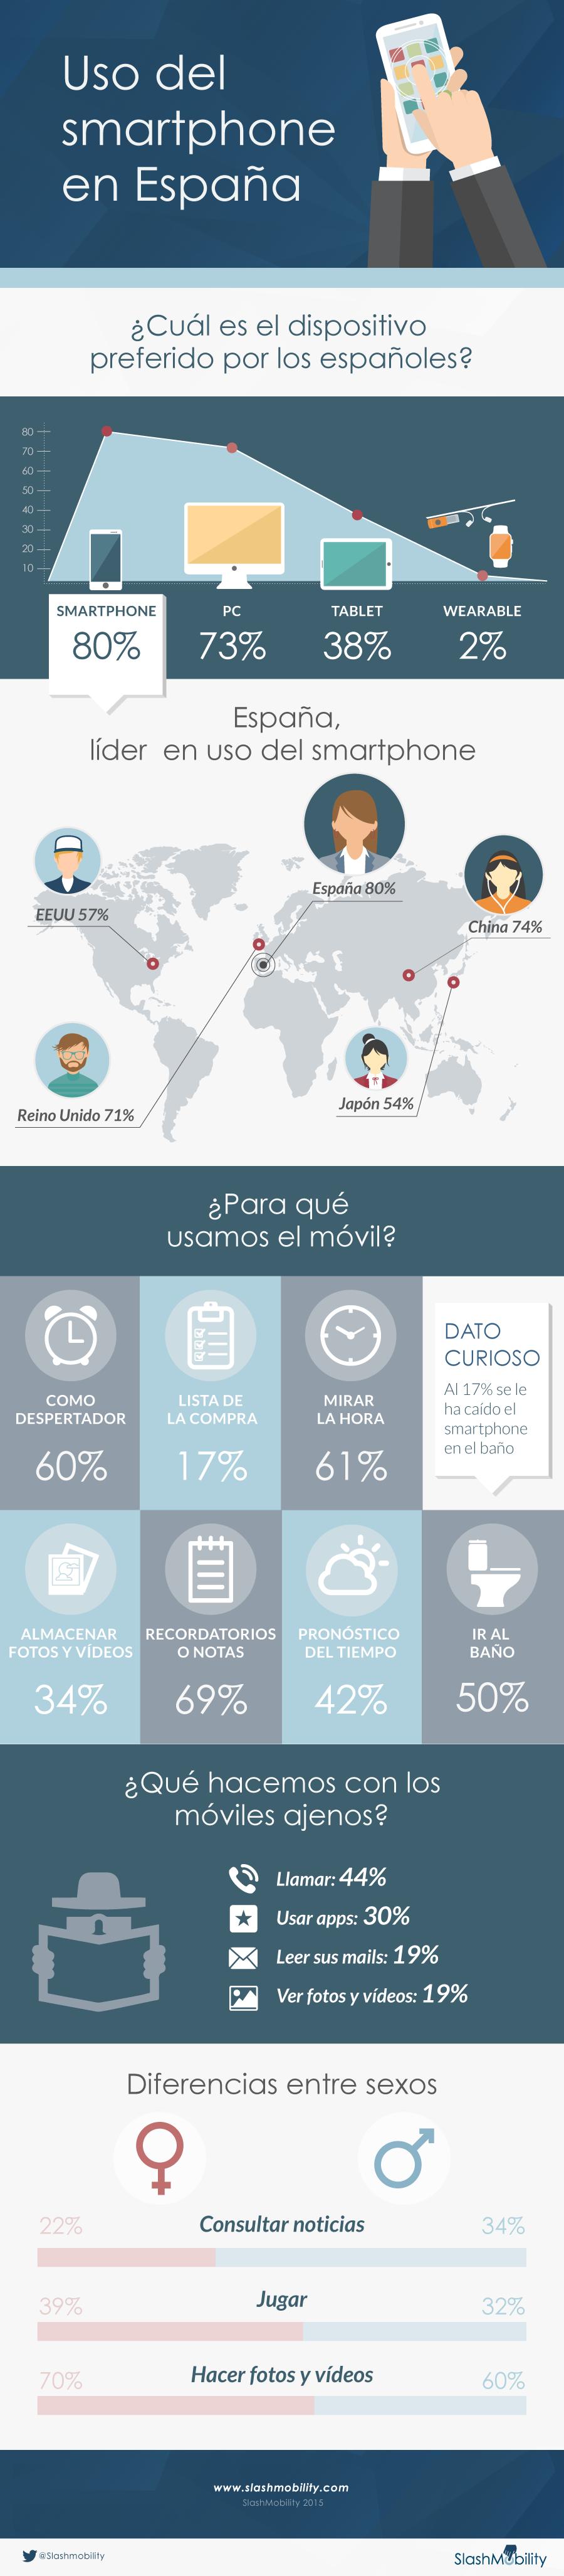 Infografía: uso del smartphone en España